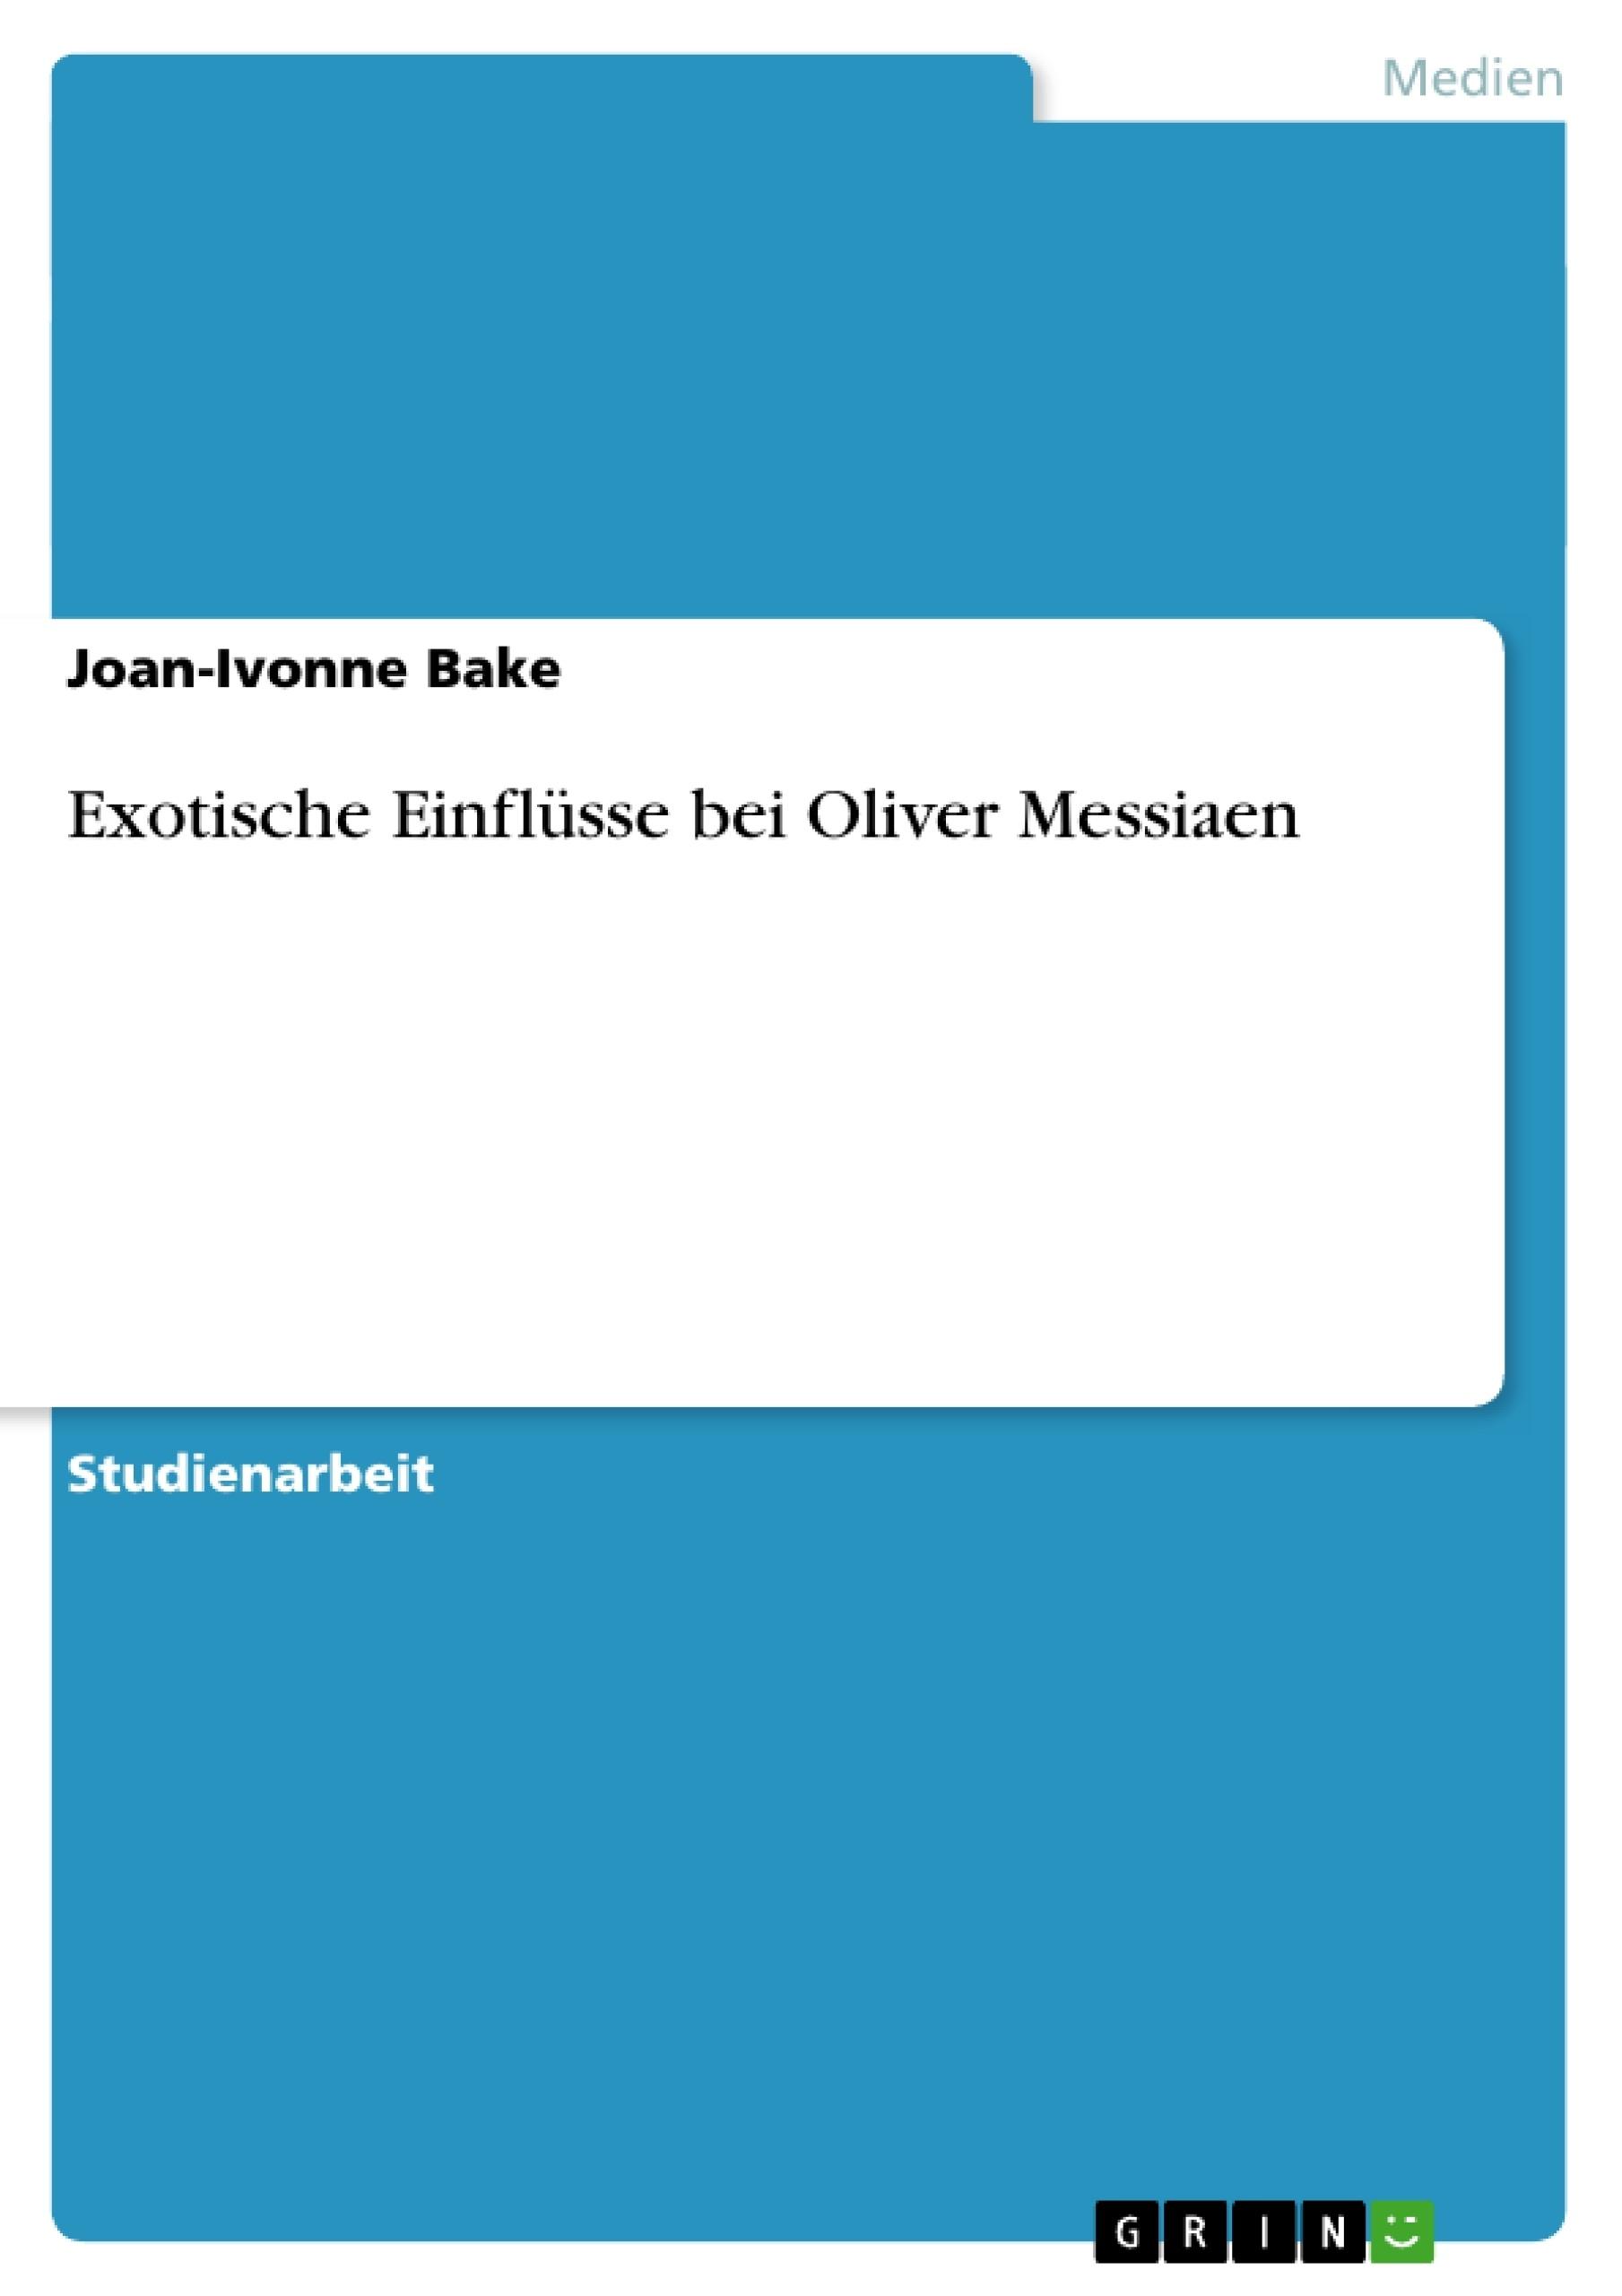 Titel: Exotische Einflüsse bei Oliver Messiaen